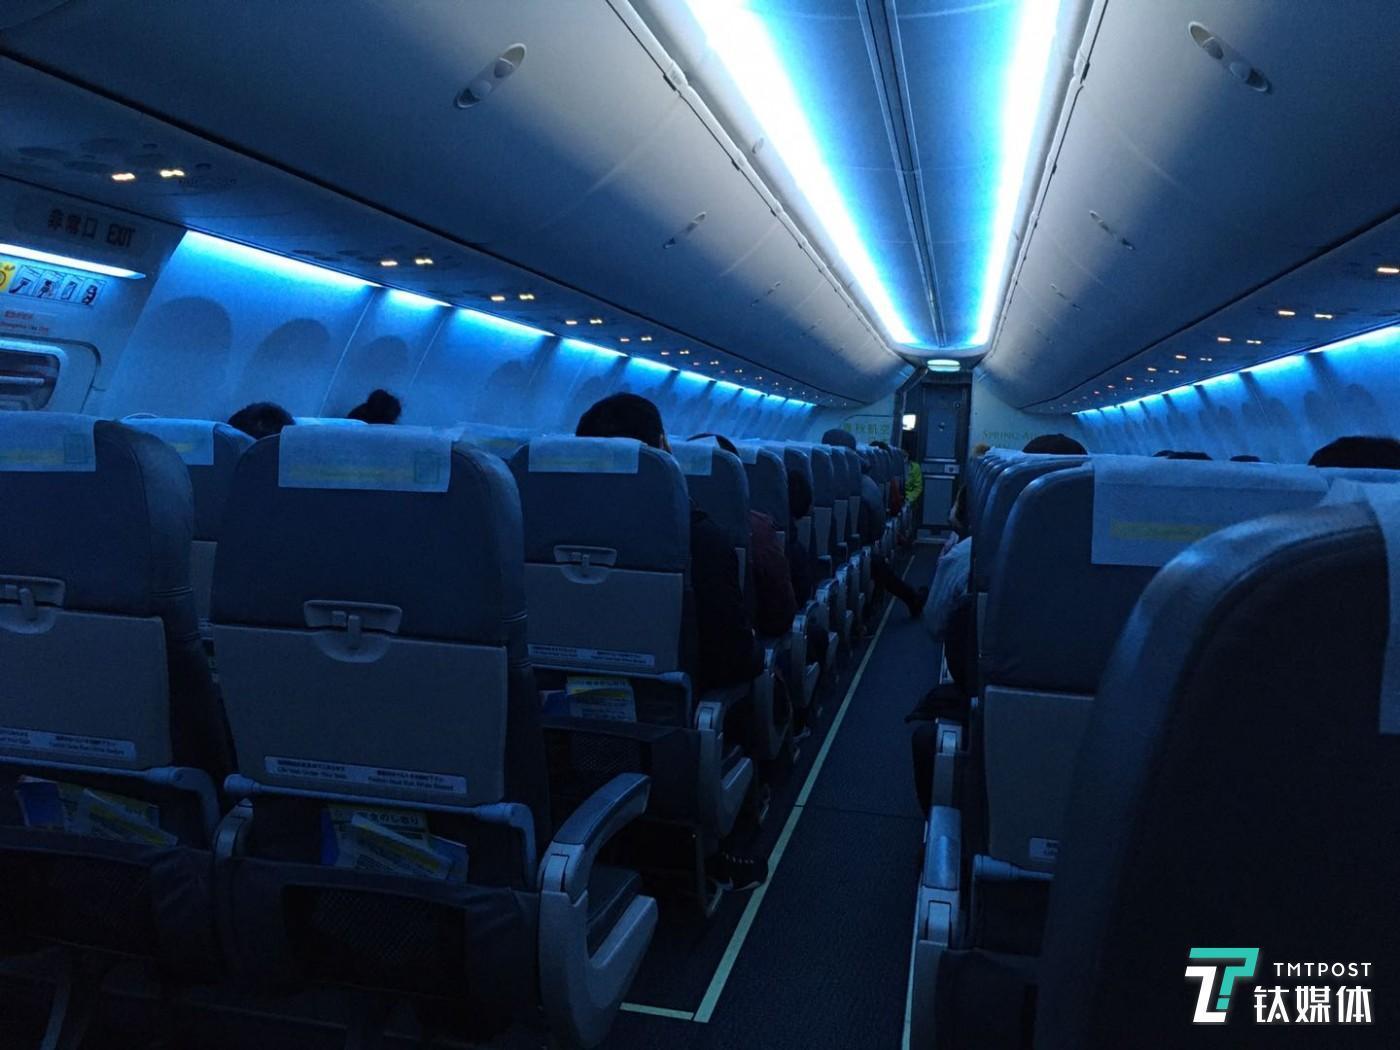 2月4日凌晨,中国飞往羽田机场的只有60几人的客舱